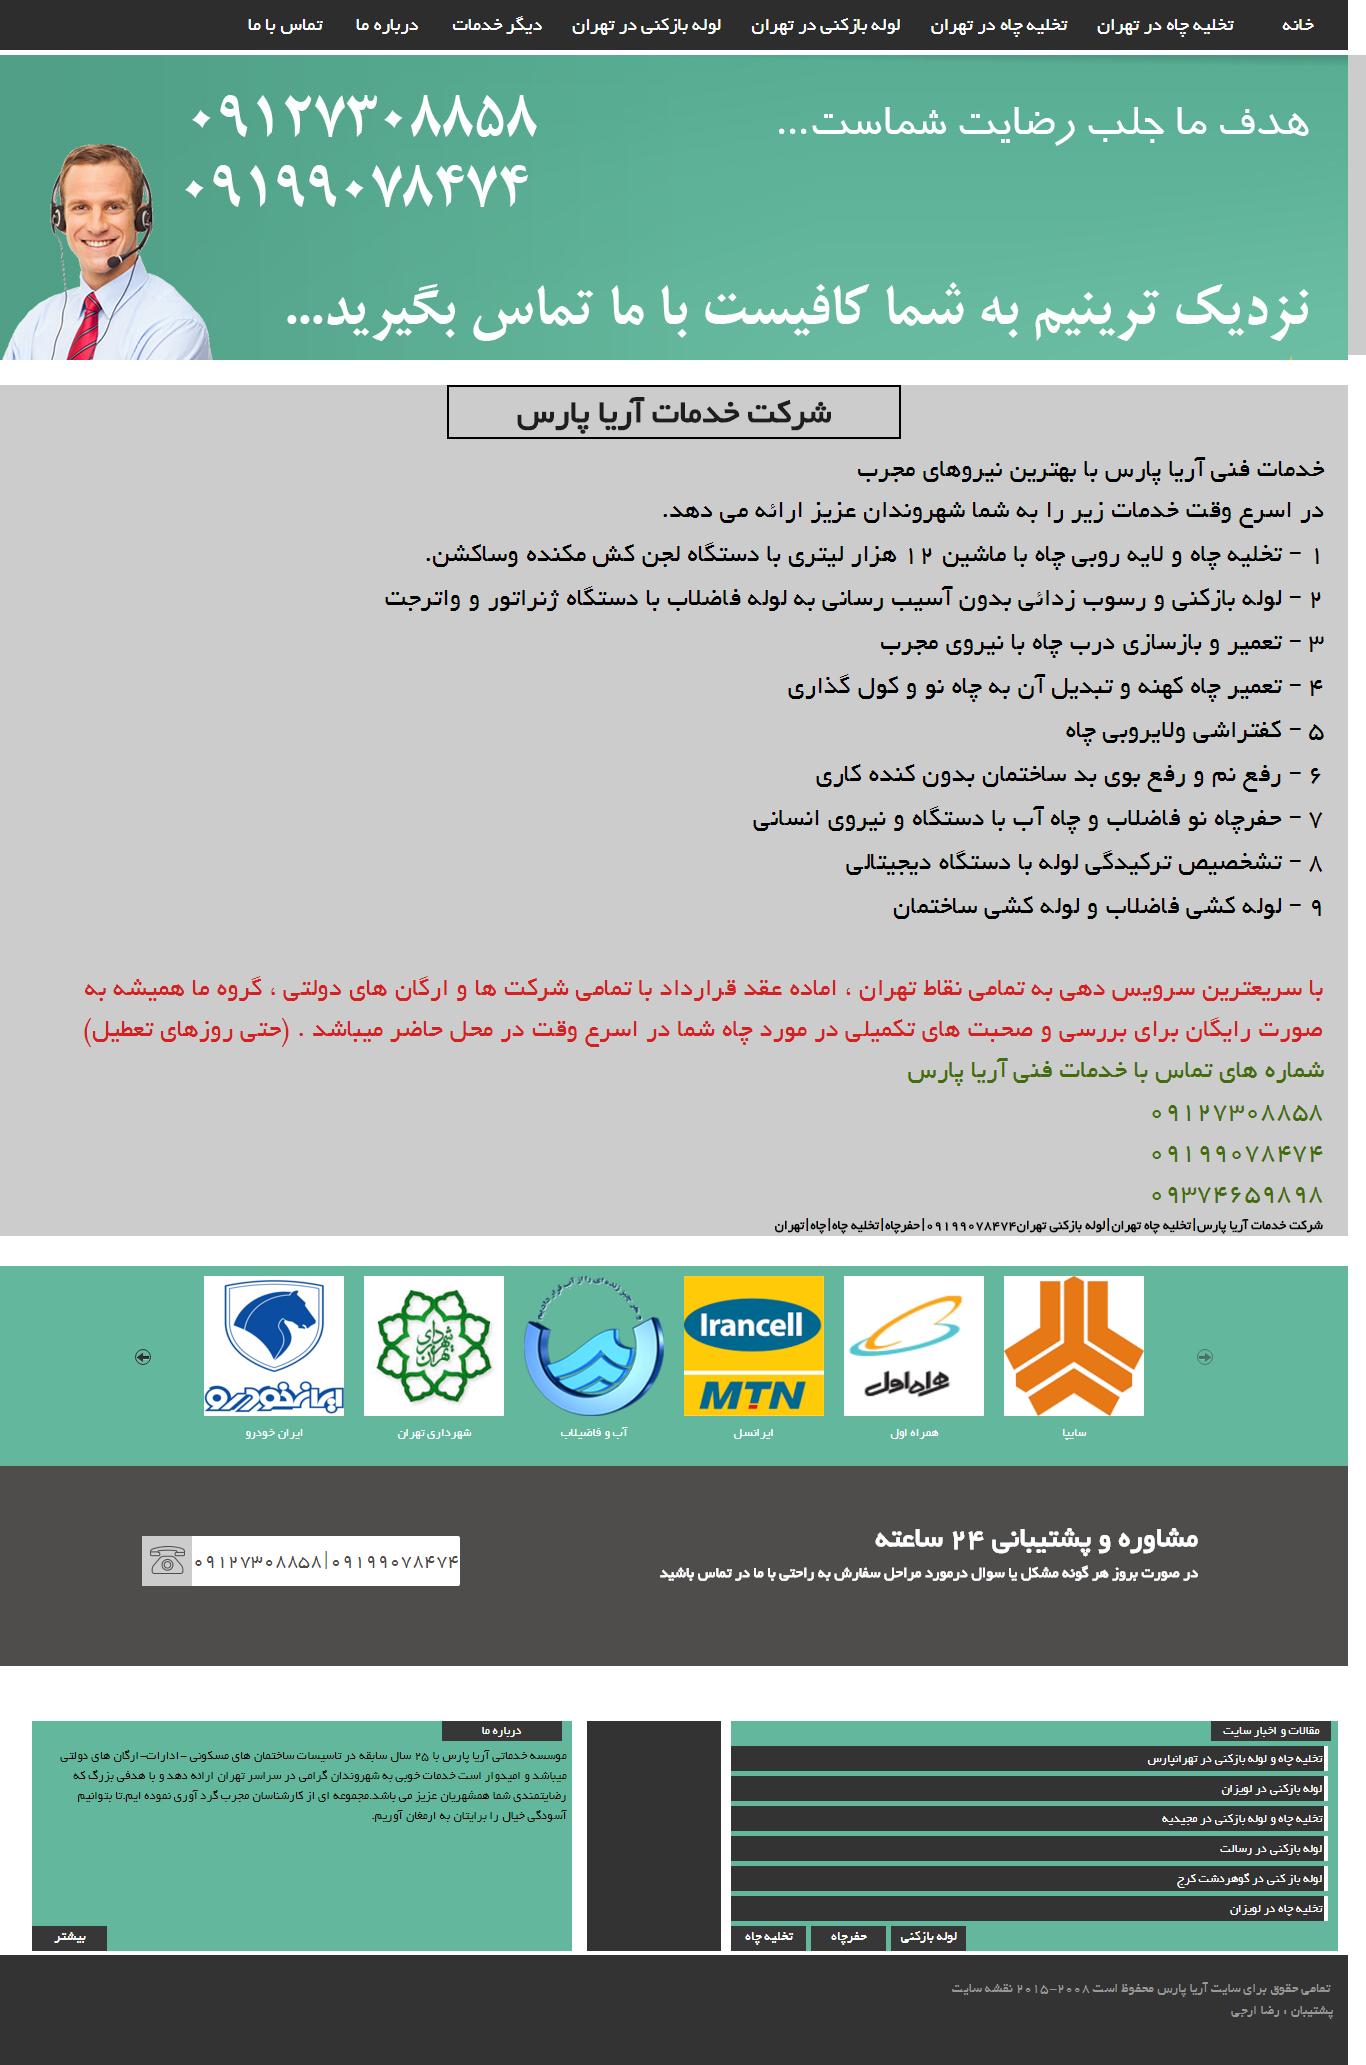 طراحی سایت آریا پارس